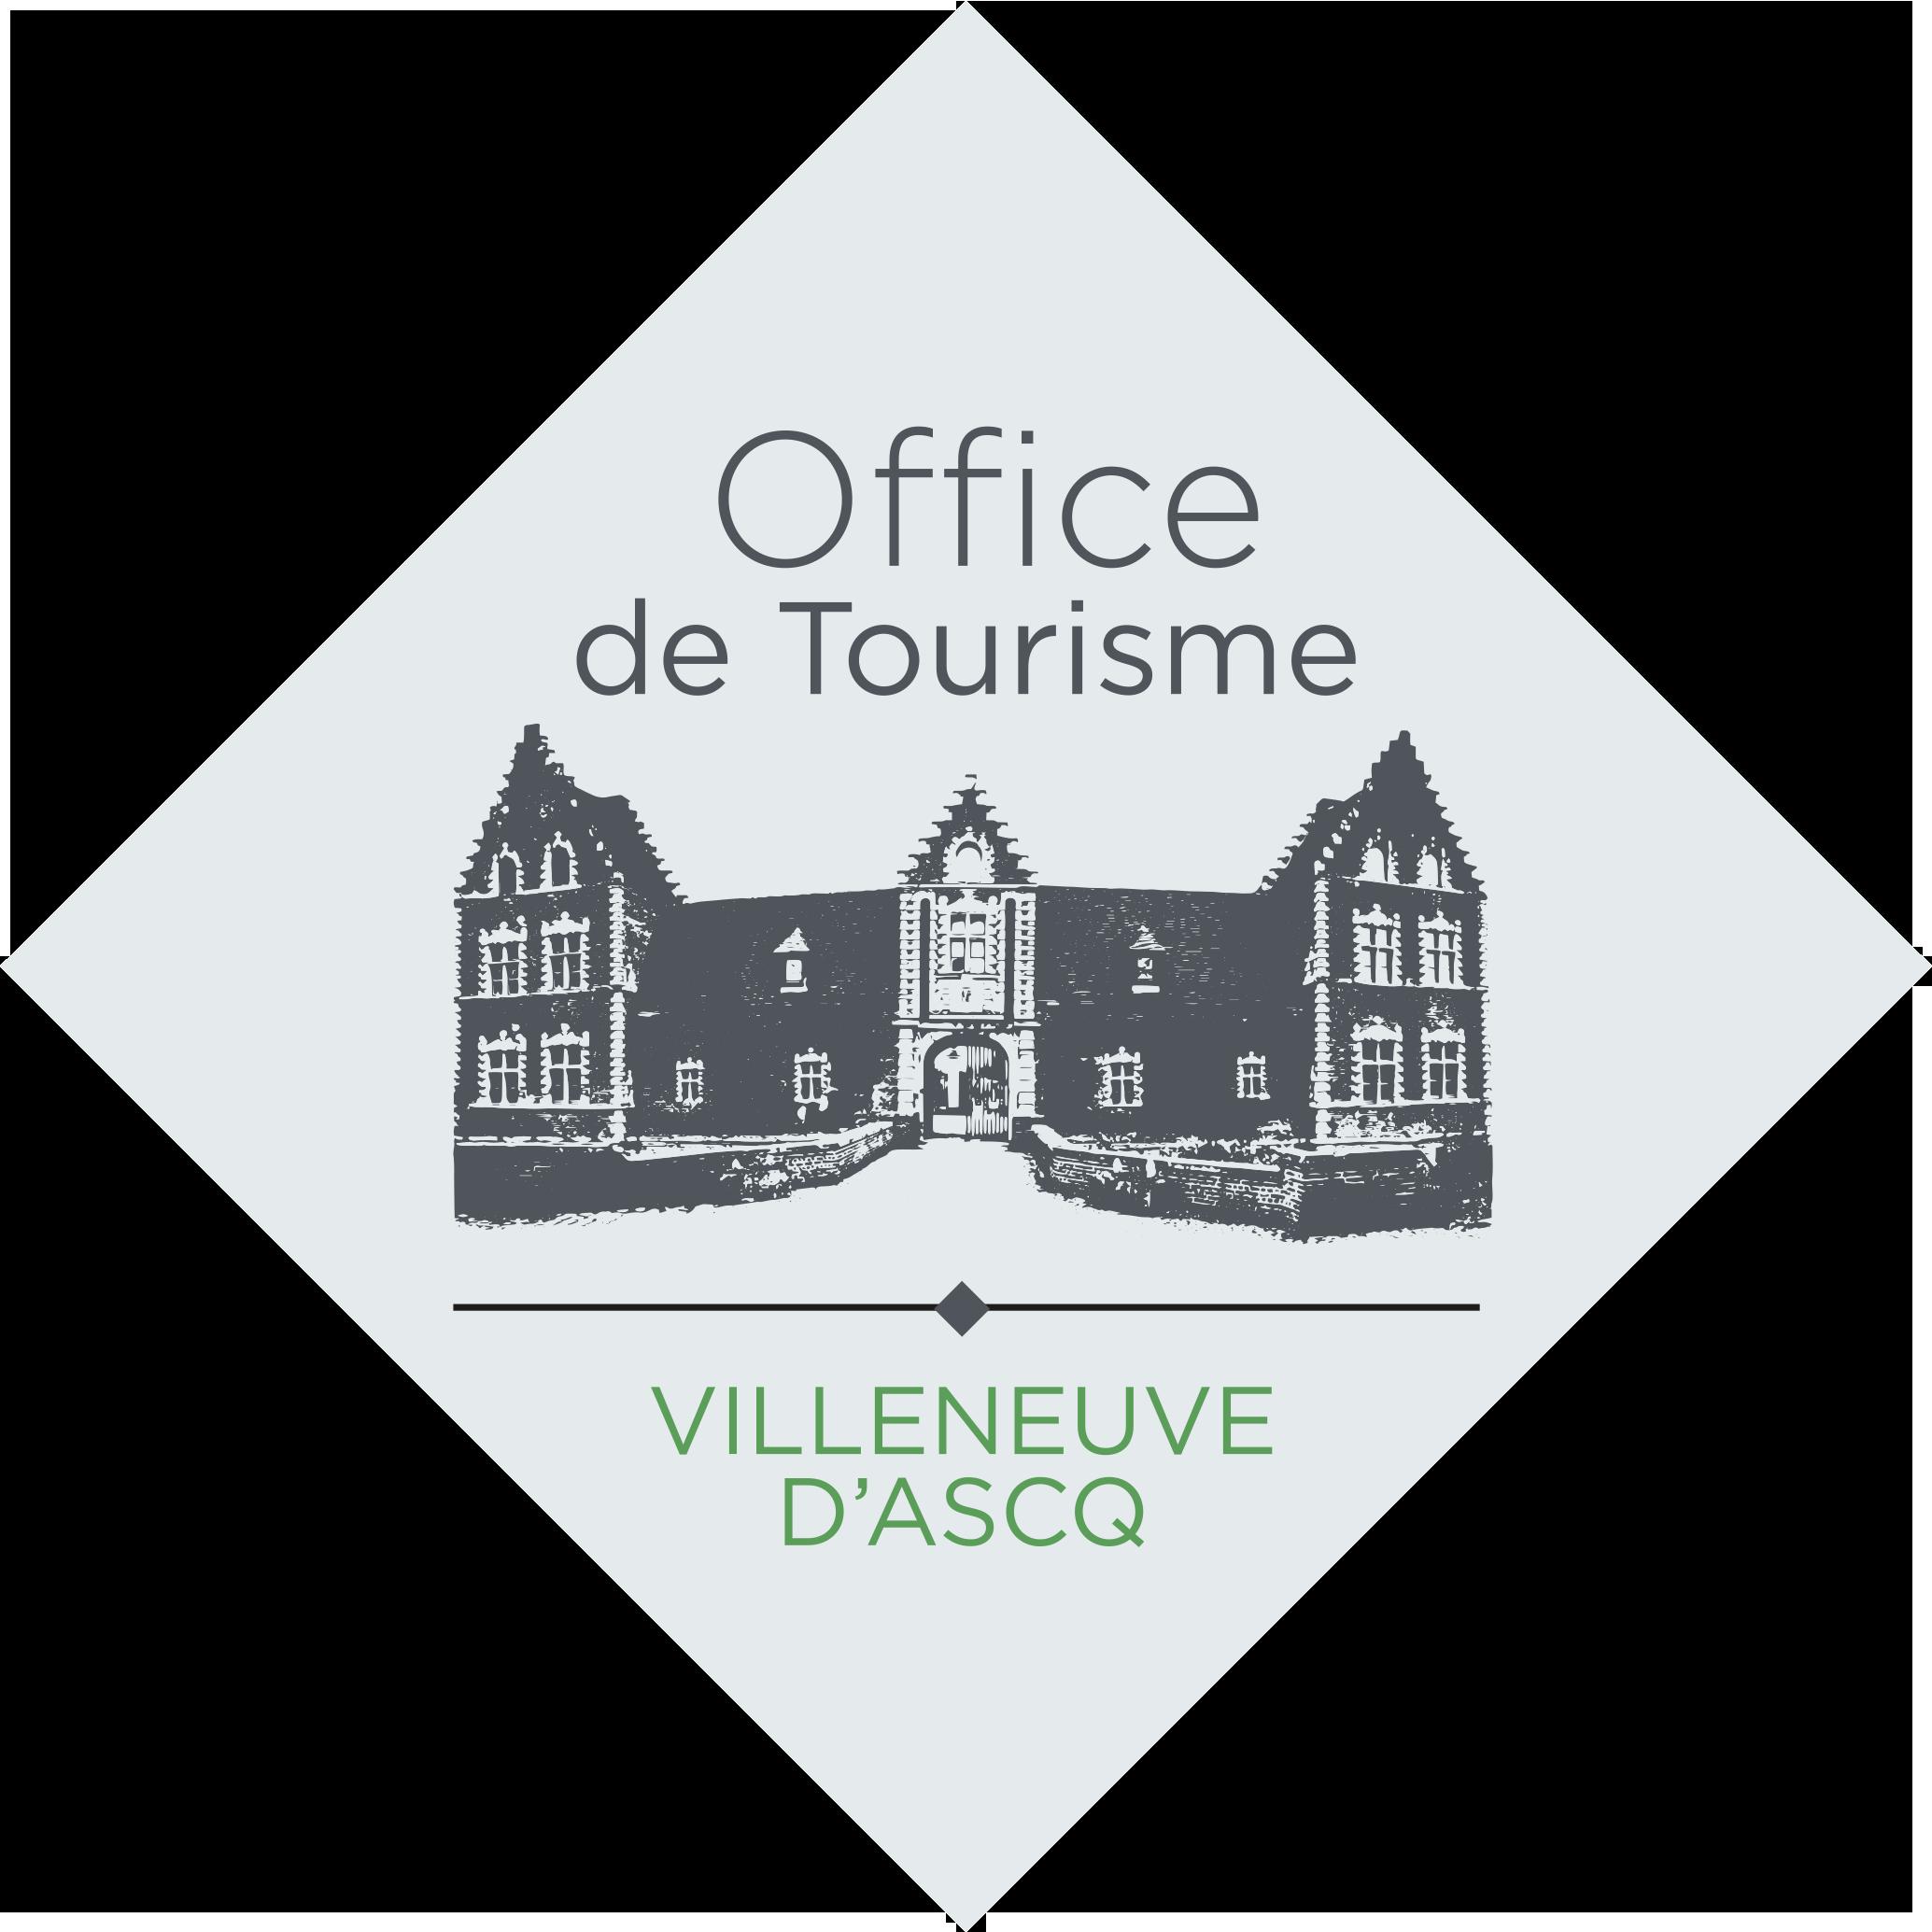 Villeneuve d'Ascq - Innovante par nature